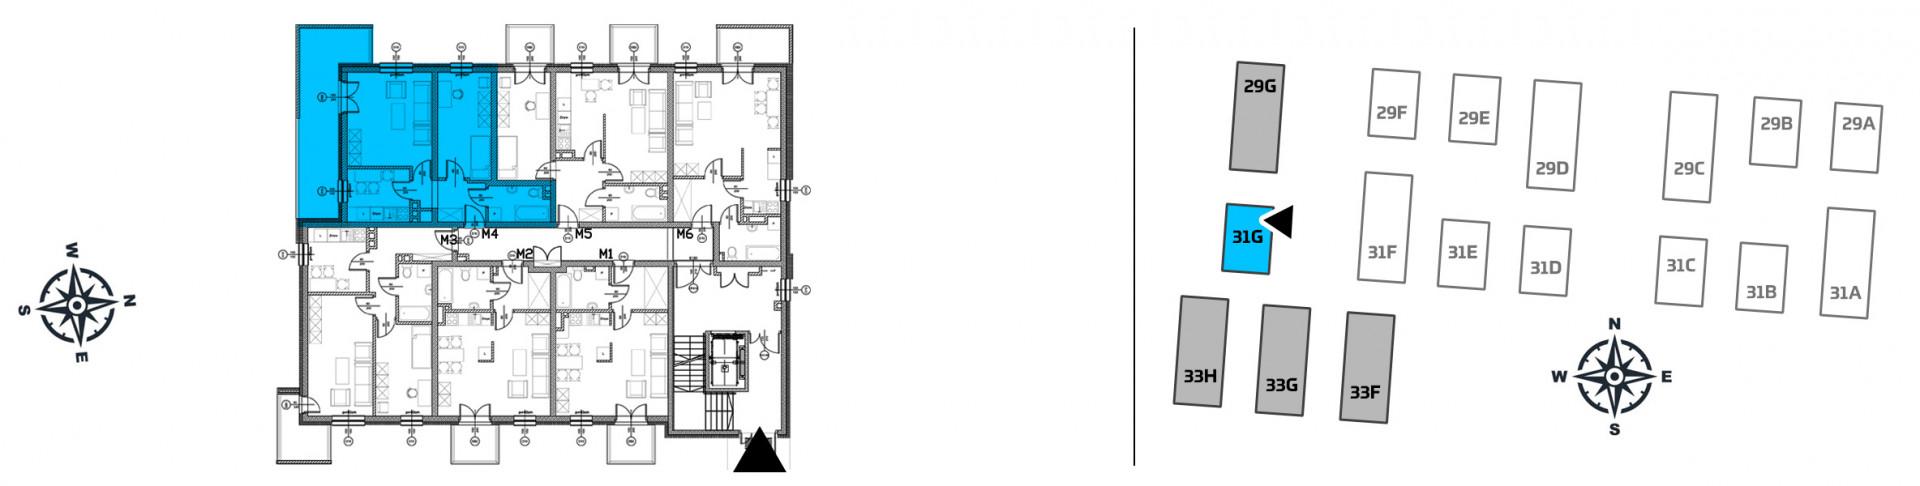 Mieszkanie dwupokojowe 31G/4 rzut 2